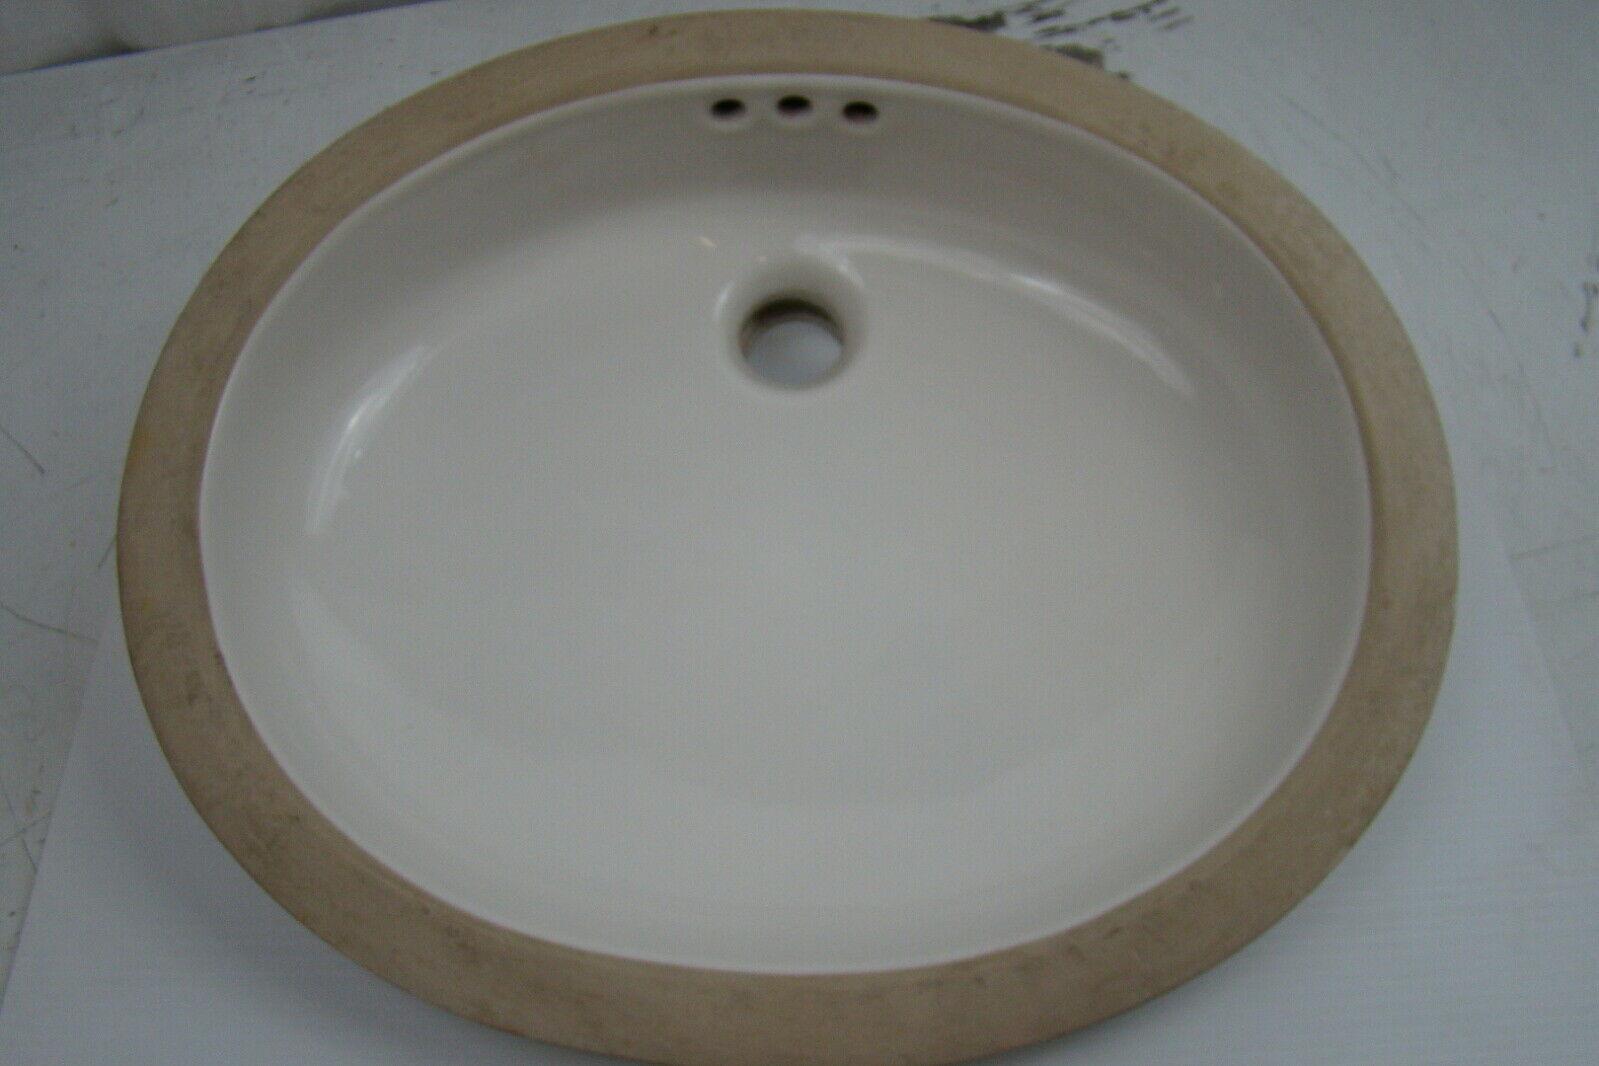 American Standard Ovalyn White Undercounter Sink 9482000.020 | eBay